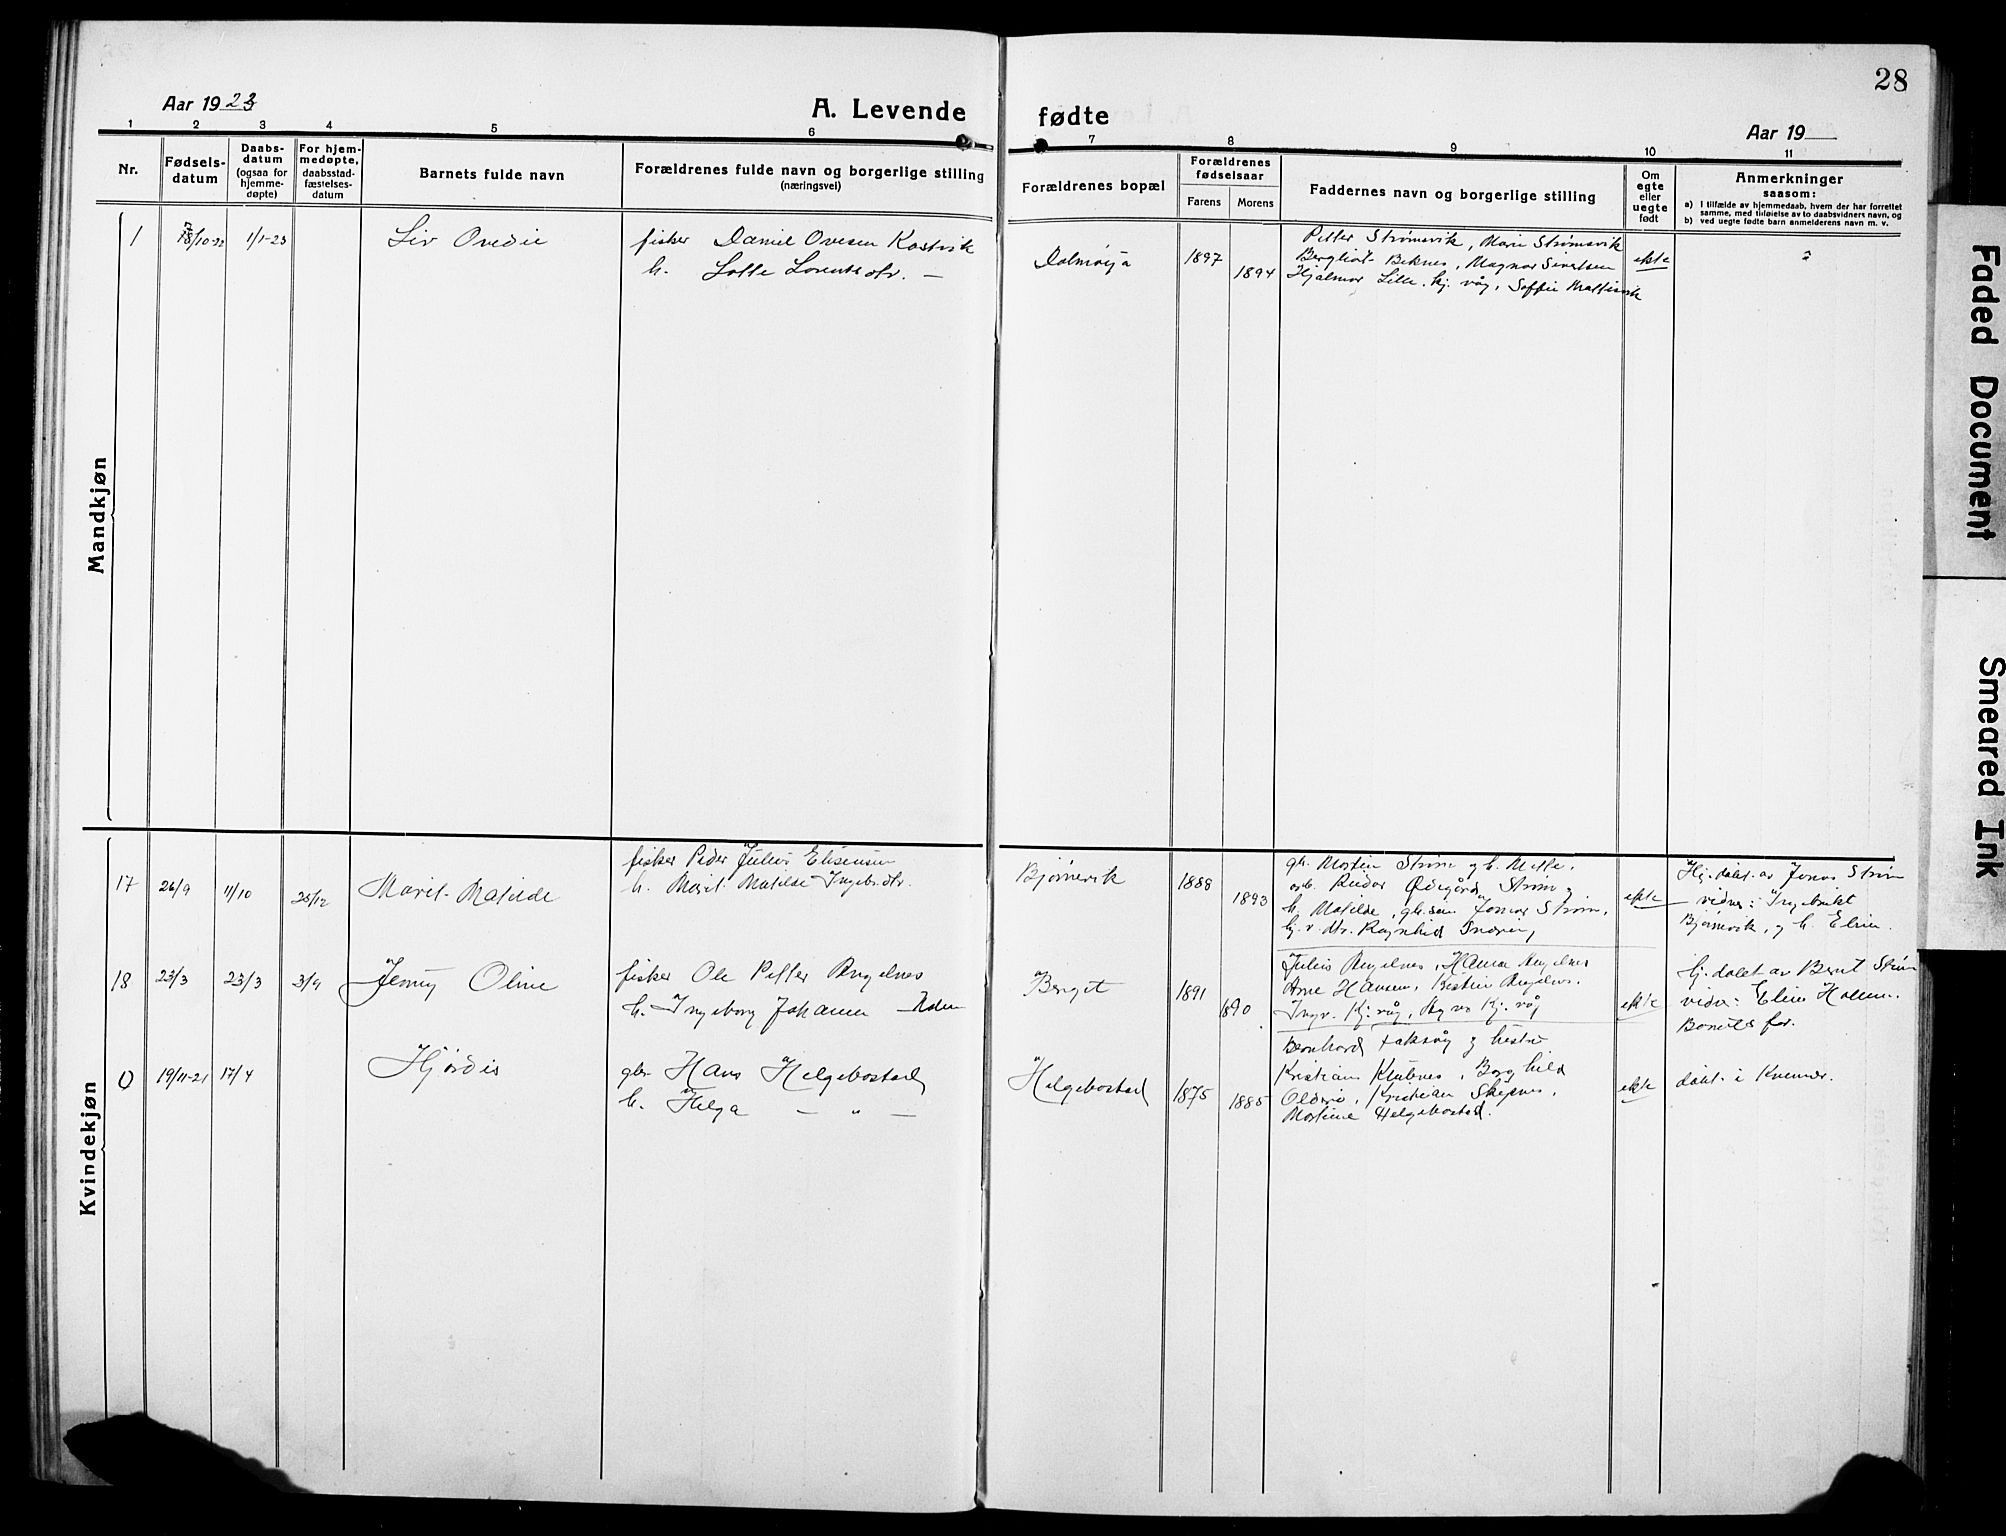 SAT, Ministerialprotokoller, klokkerbøker og fødselsregistre - Sør-Trøndelag, 634/L0543: Klokkerbok nr. 634C05, 1917-1928, s. 28